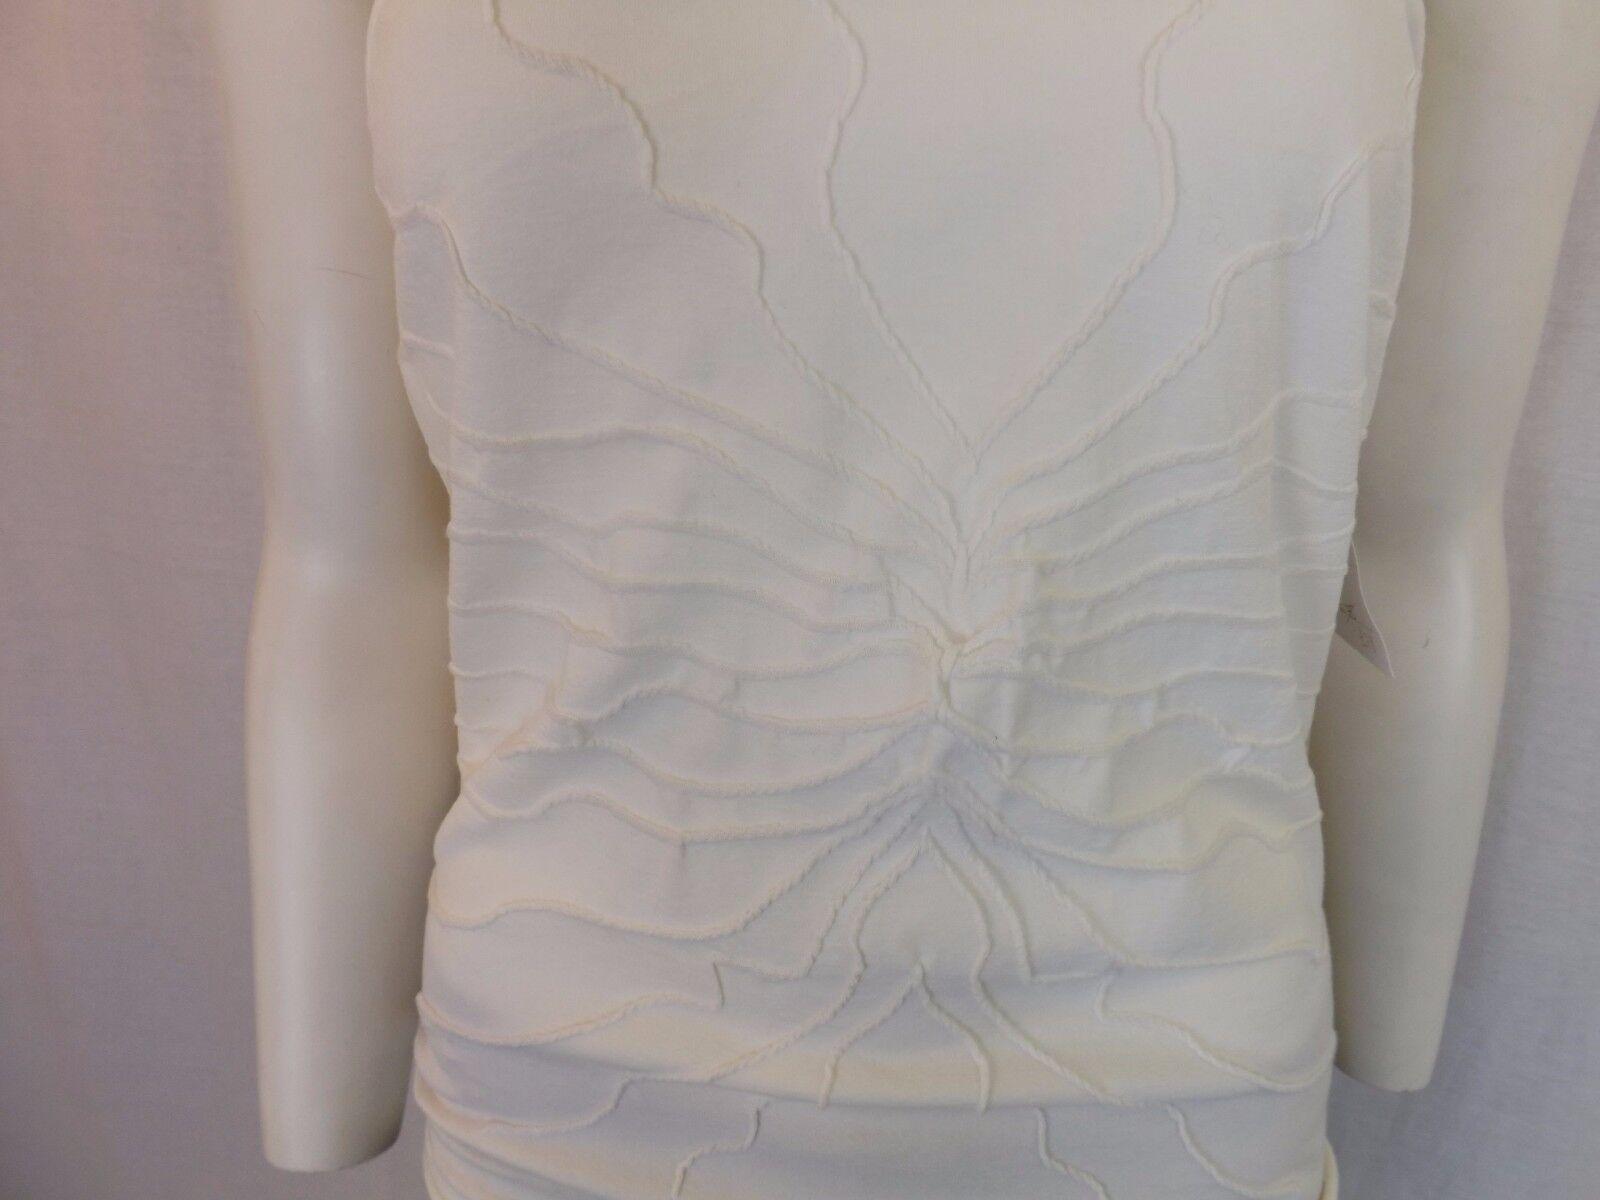 Le donne indossano indossano indossano Sarah Pacini cotone e elastan Top Taglia 2 SP 3356 NUOVO CON ETICHETTA 53e8c6